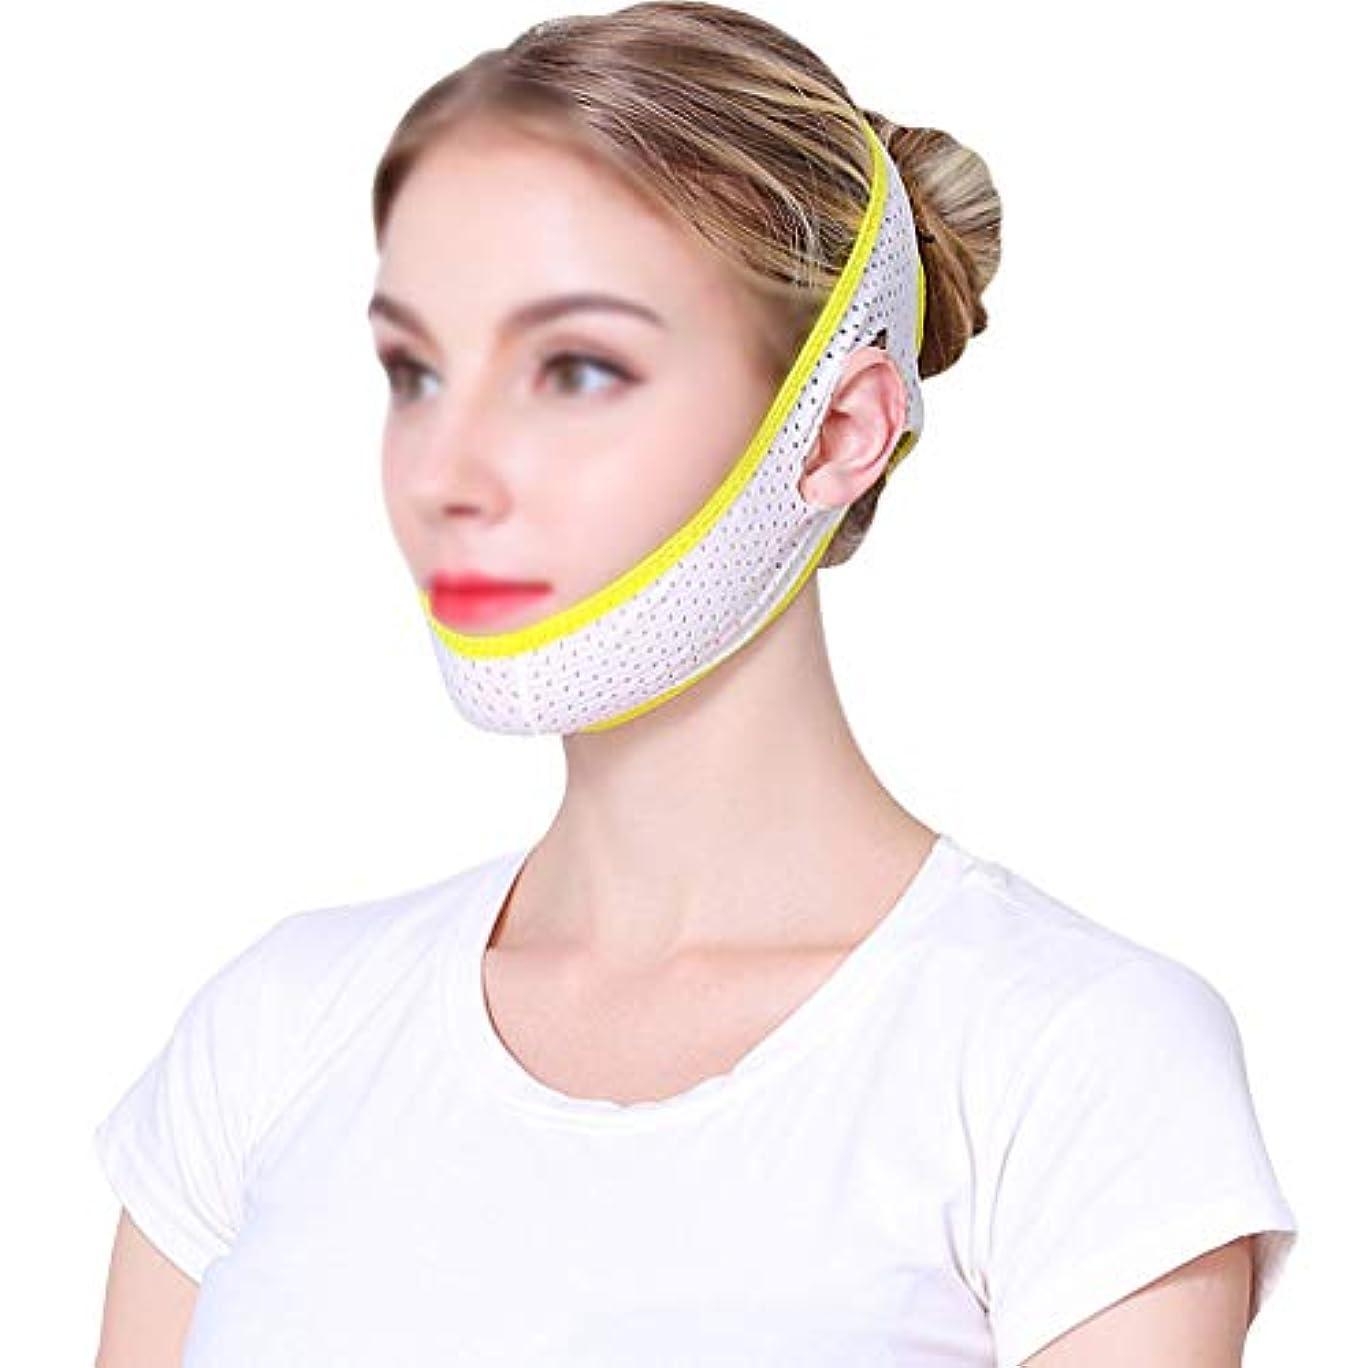 炎上フェデレーション交換可能LJK マスク包帯を持ち上げて、整形手術の夏通気性の薄いセクション二重あごストラップVフェイス薄いフェイスマスク